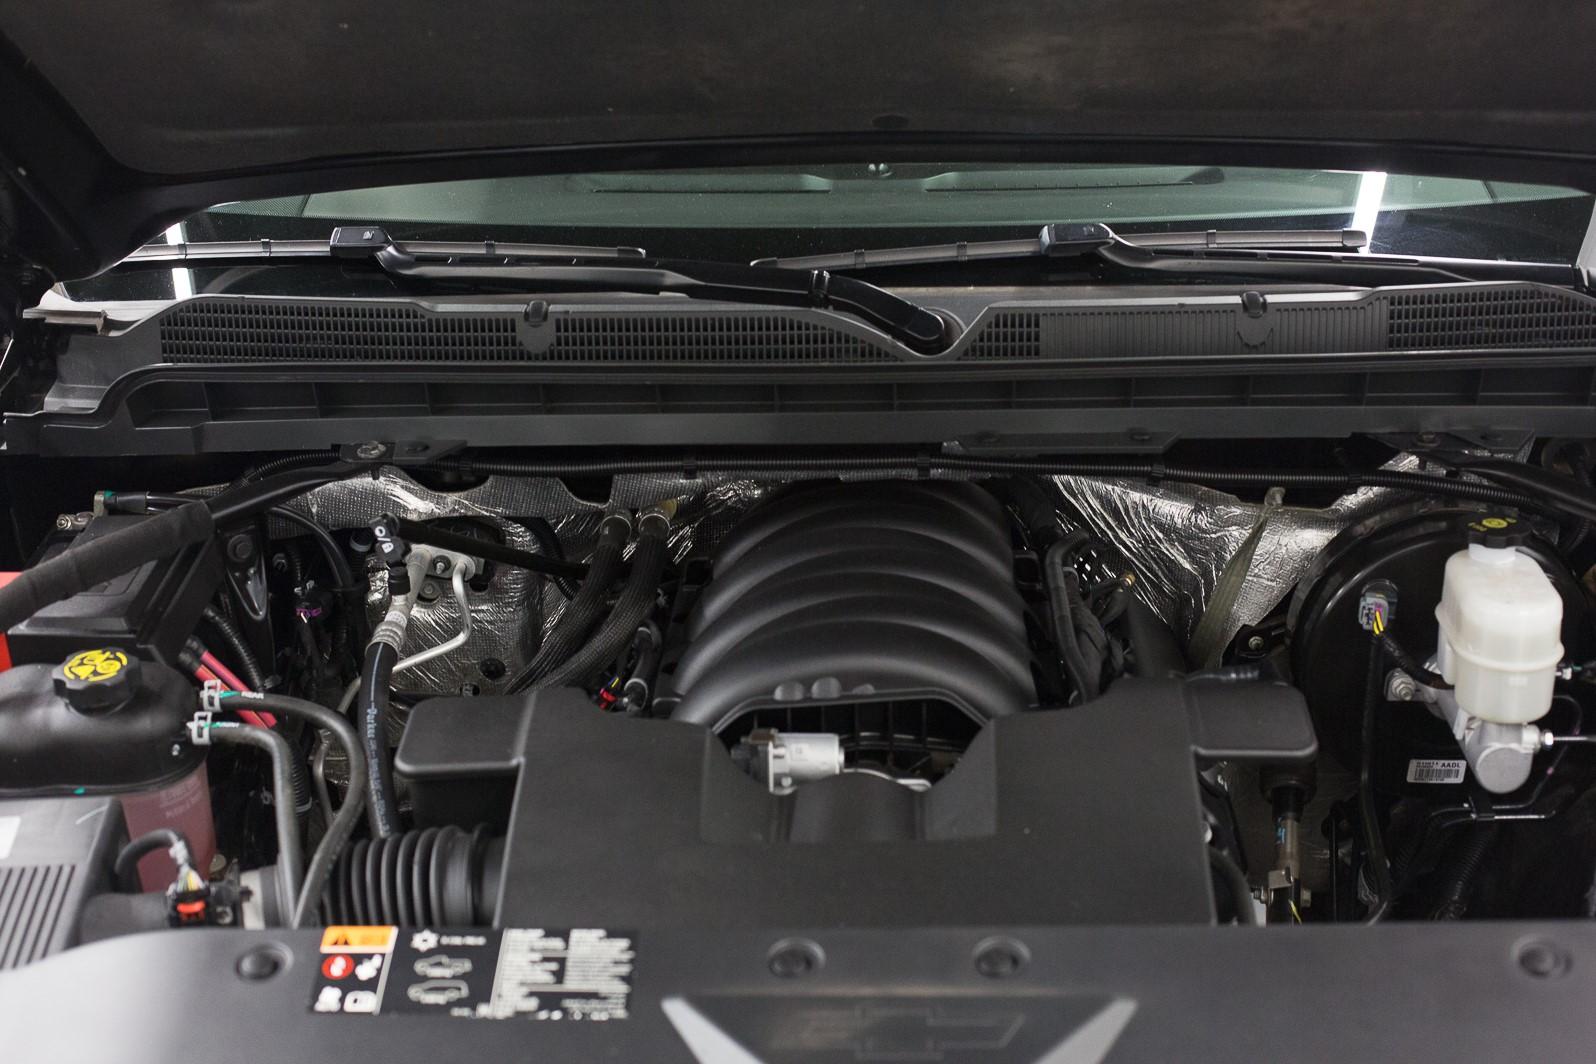 2016 Chevrolet Silverado 1500 full